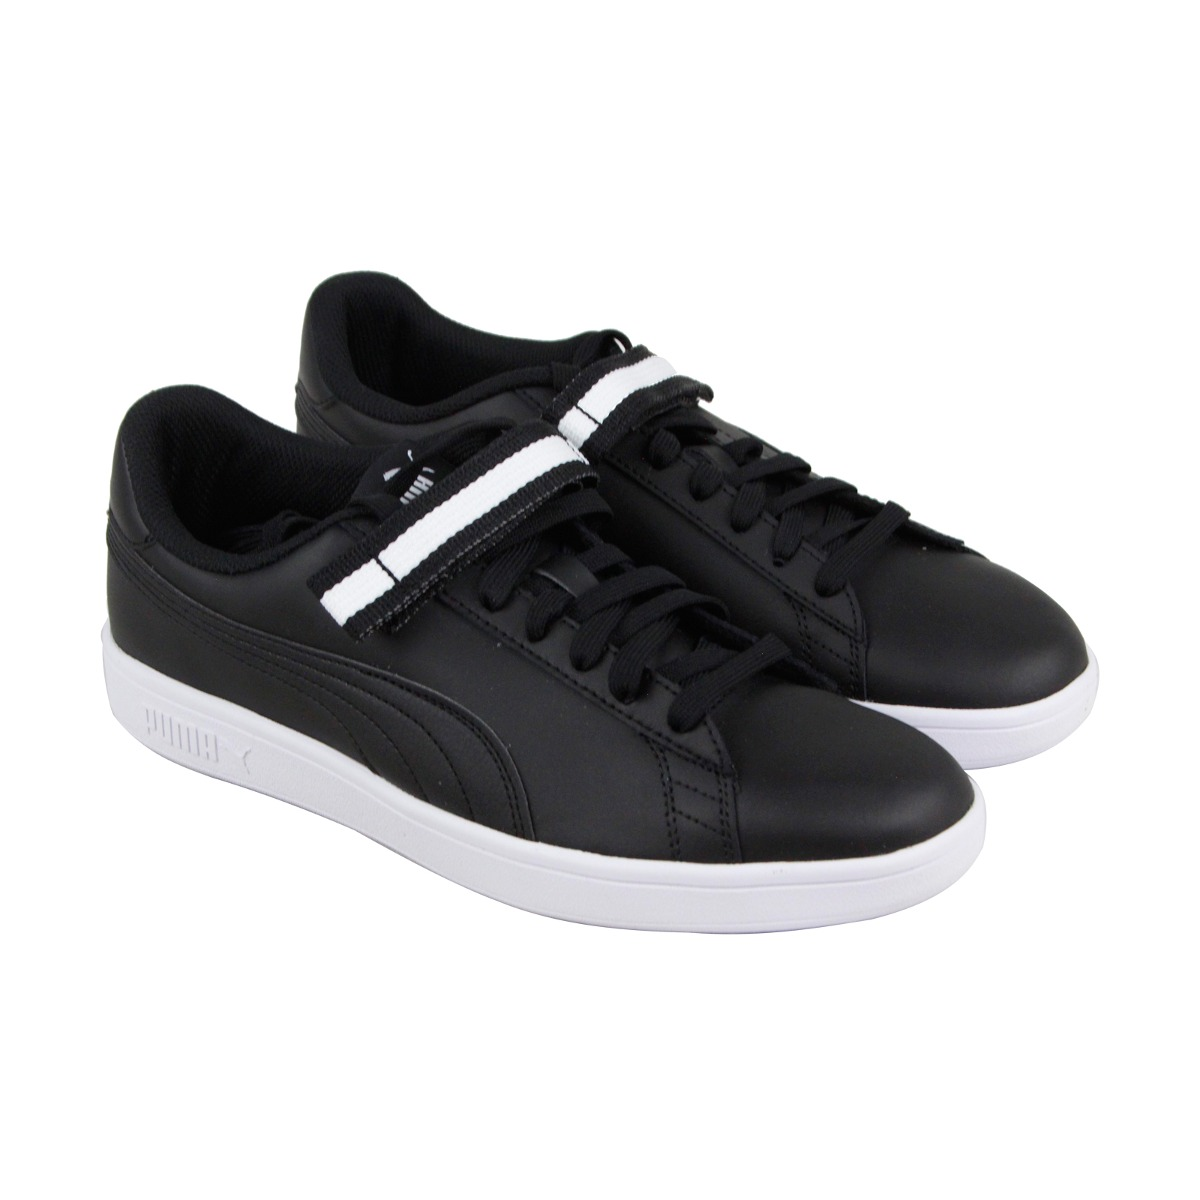 59e68c22e Zapatos Puma Smash V2 V Fresco Puma - $ 847.90 en Mercado Libre